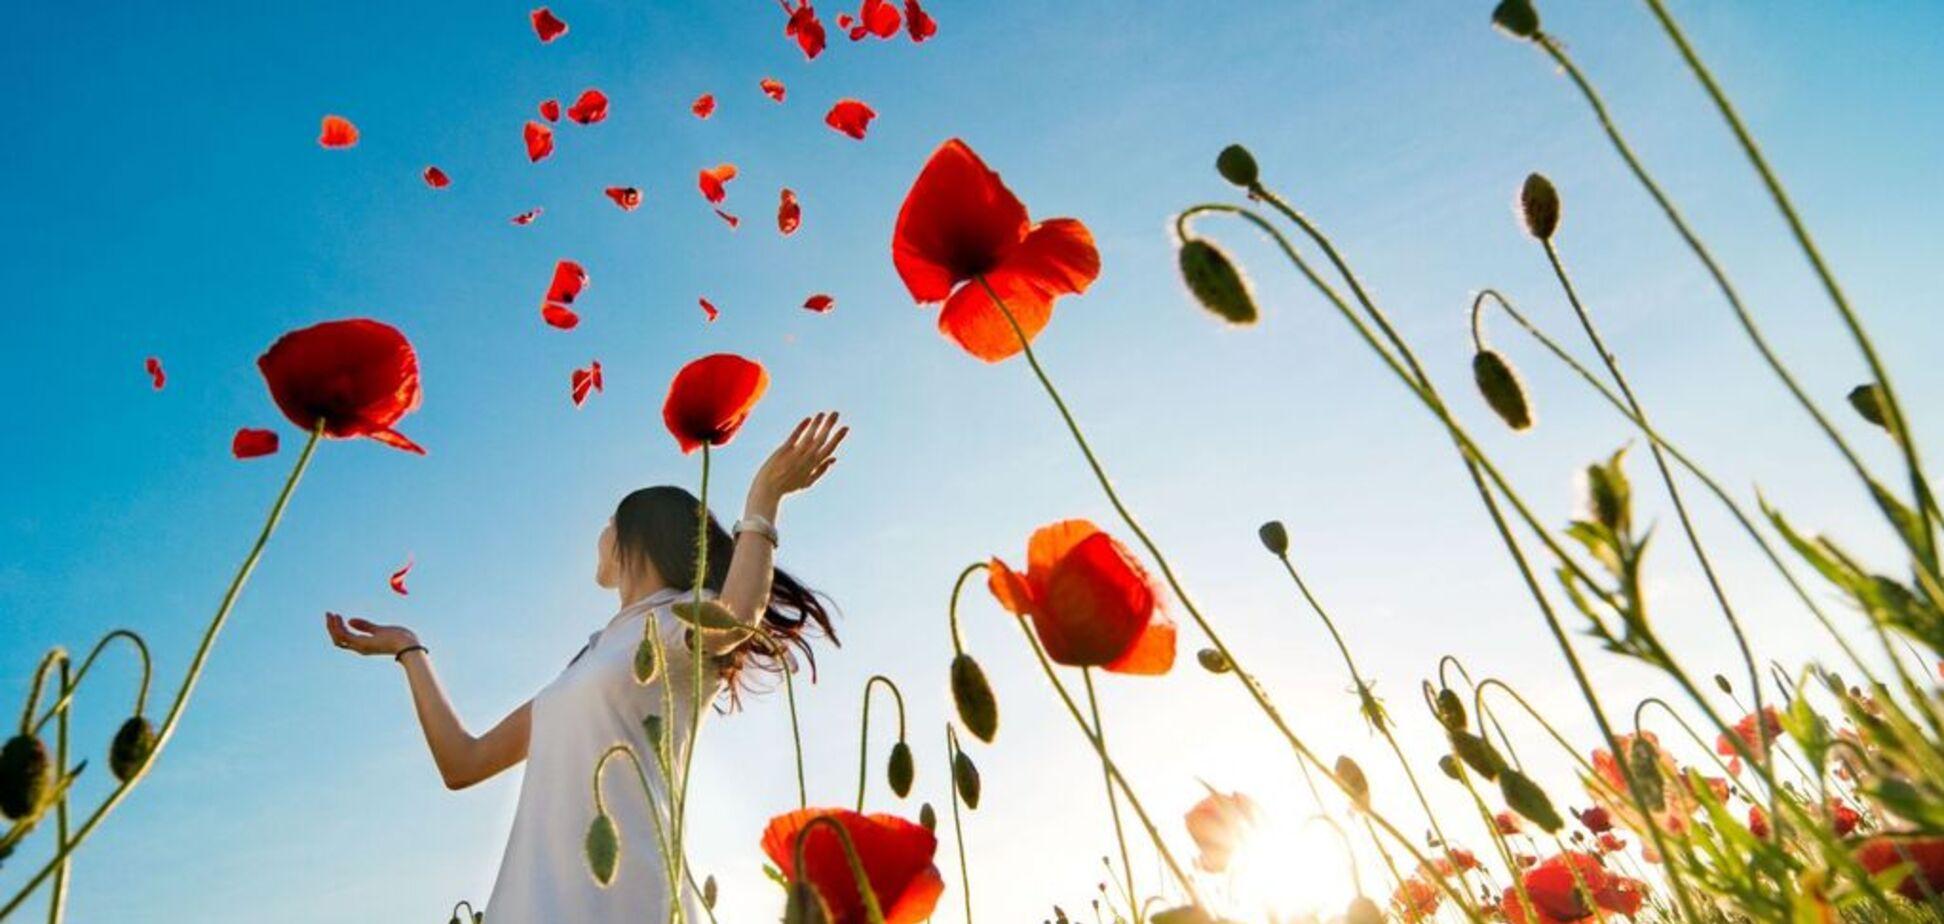 Приметы и праздники 14 августа: что нельзя делать